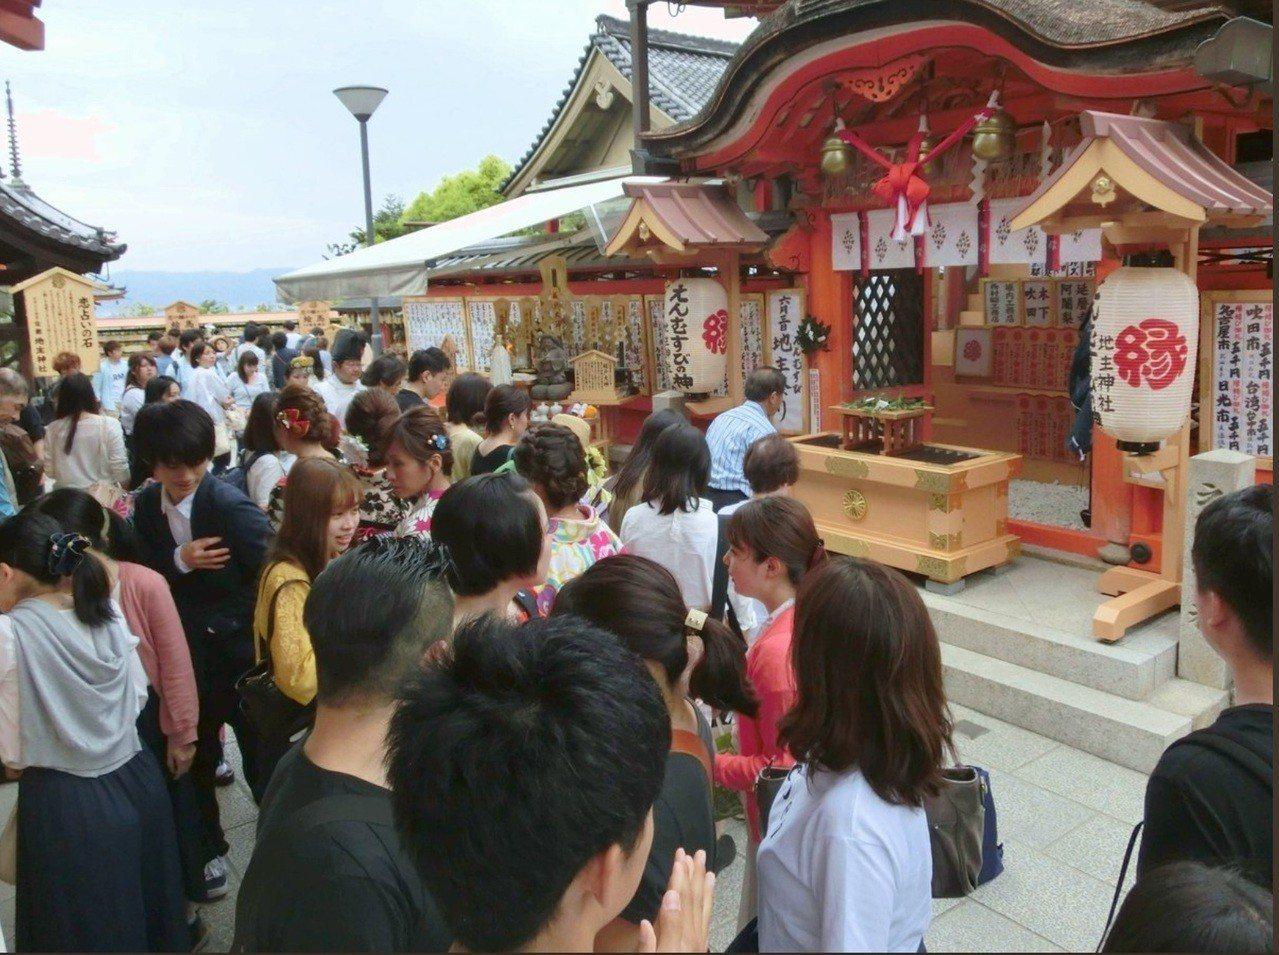 京都知名的求姻緣勝地「地主神社」因風災停止參拜。圖/摘自地主神社官方推特